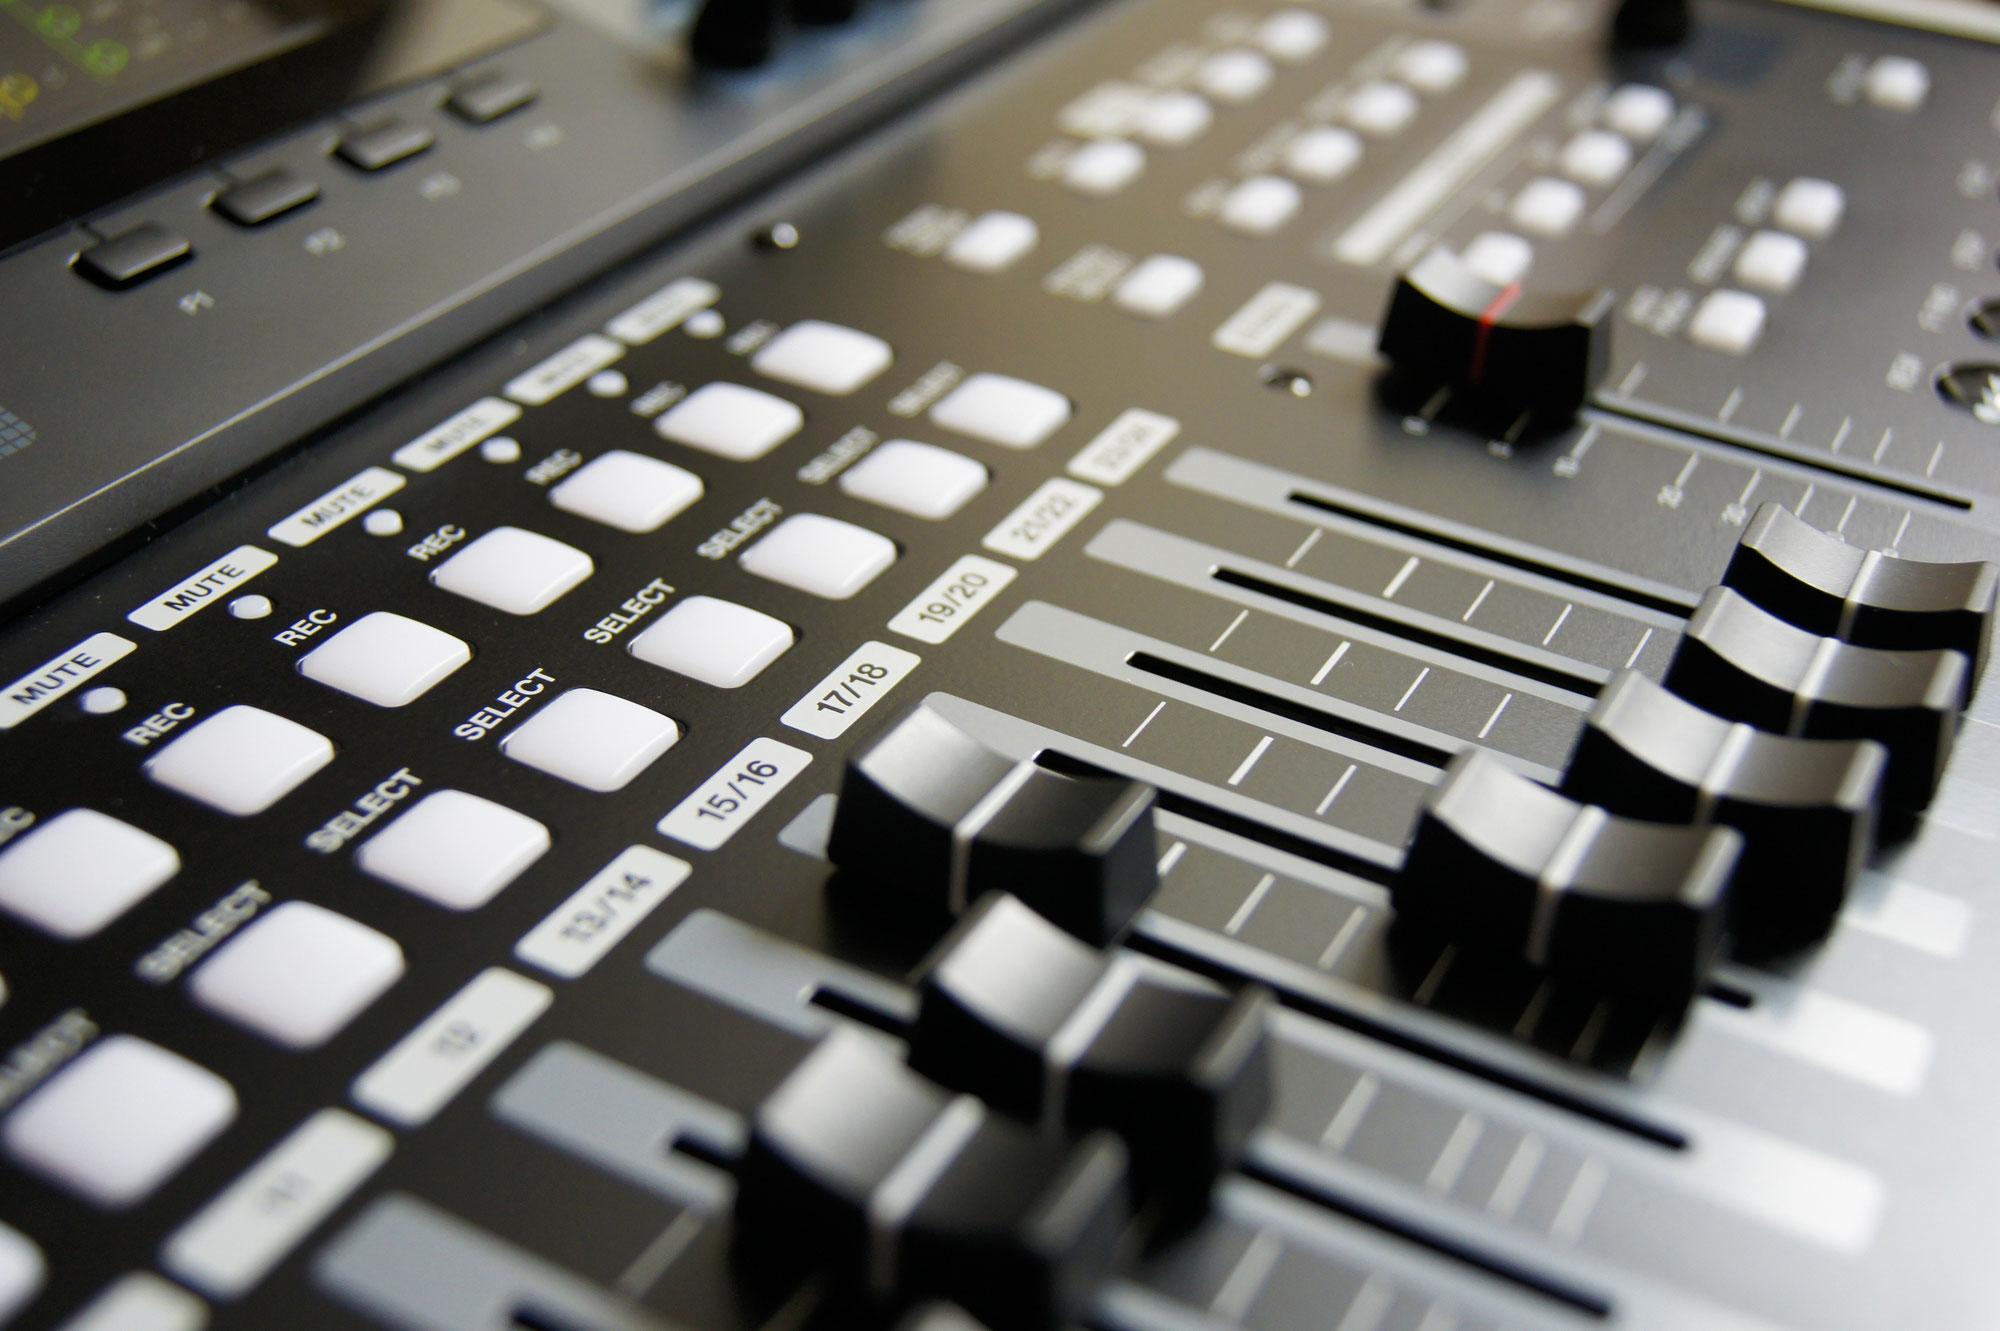 Kurze Darstellung der Entwicklung elektronisch-melancholischer Musik